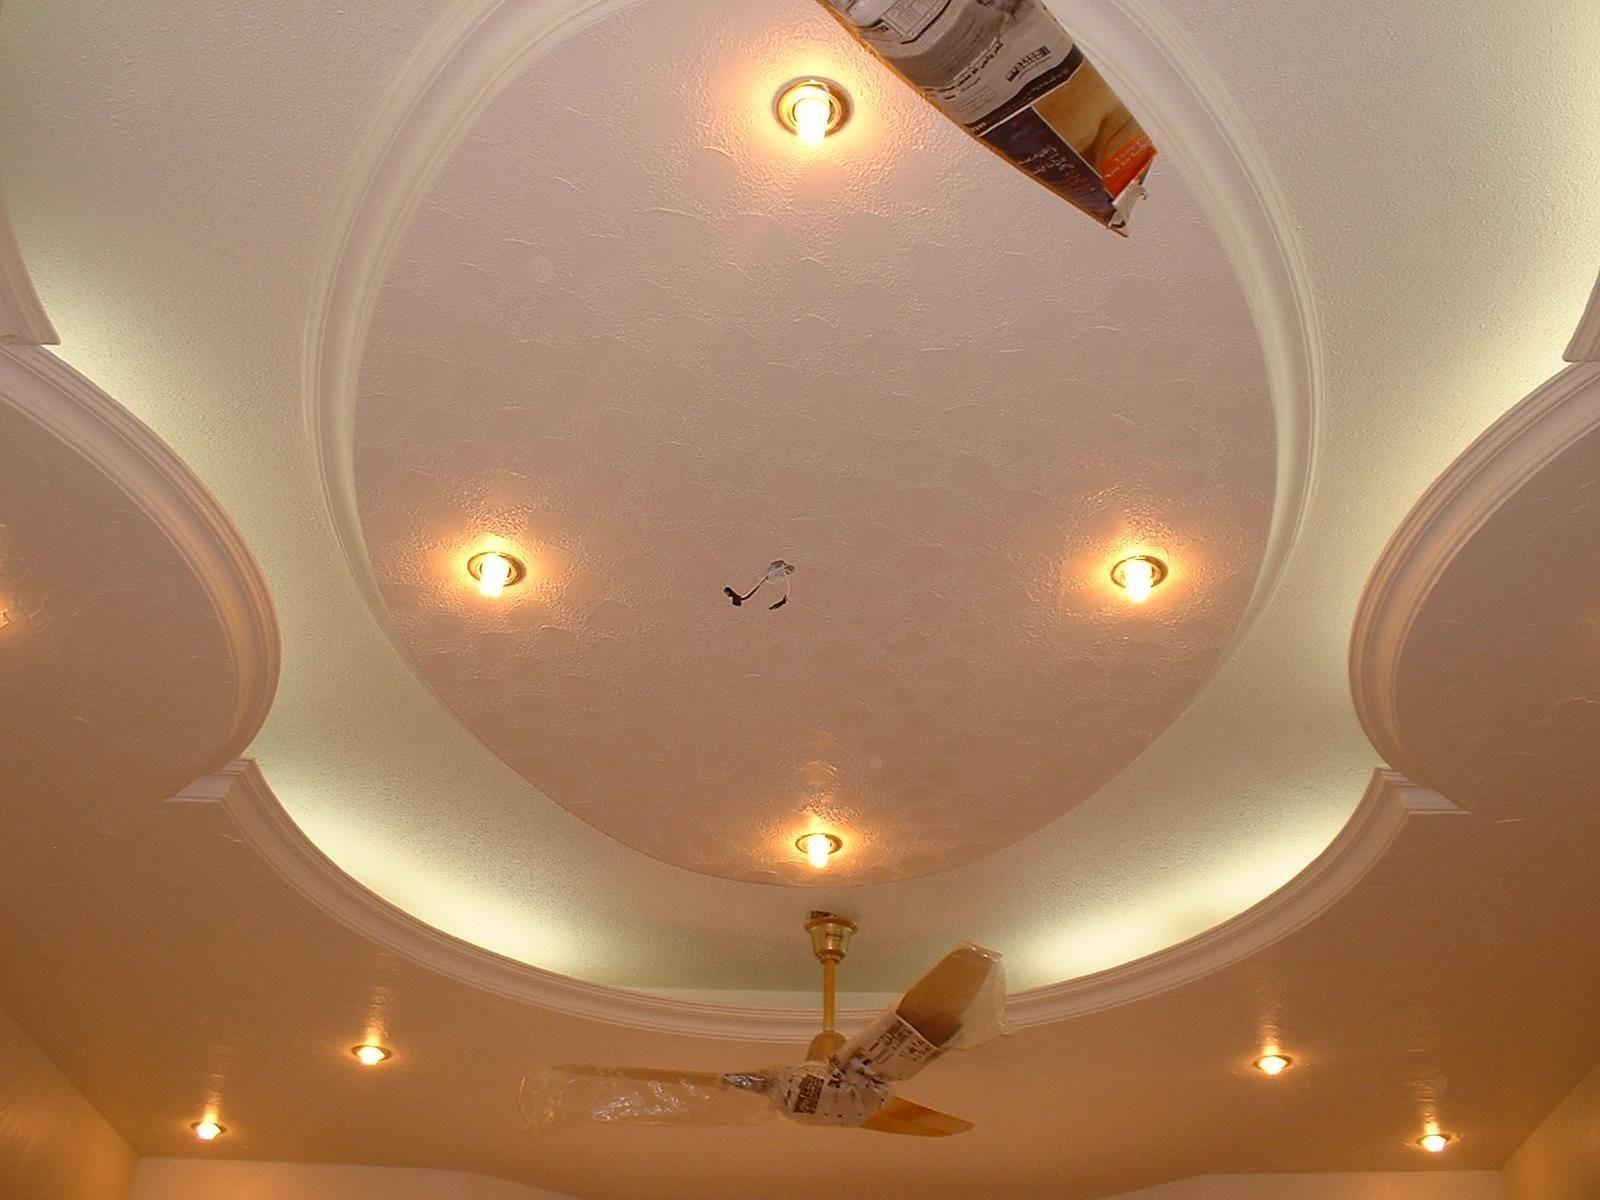 Plafoniere Da Controsoffitto A Led : Un soffitto bianco messo in risalto da faretti led a luce calda